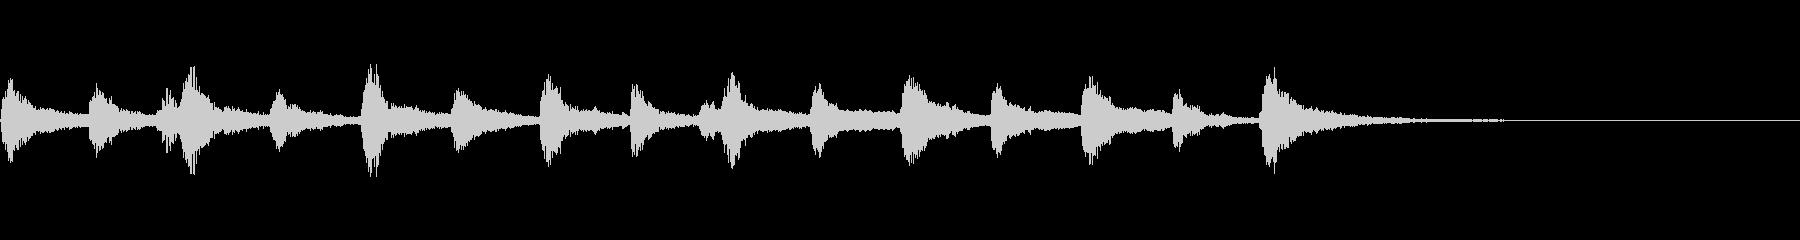 ピッツィカートによるかわいいジングル1の未再生の波形